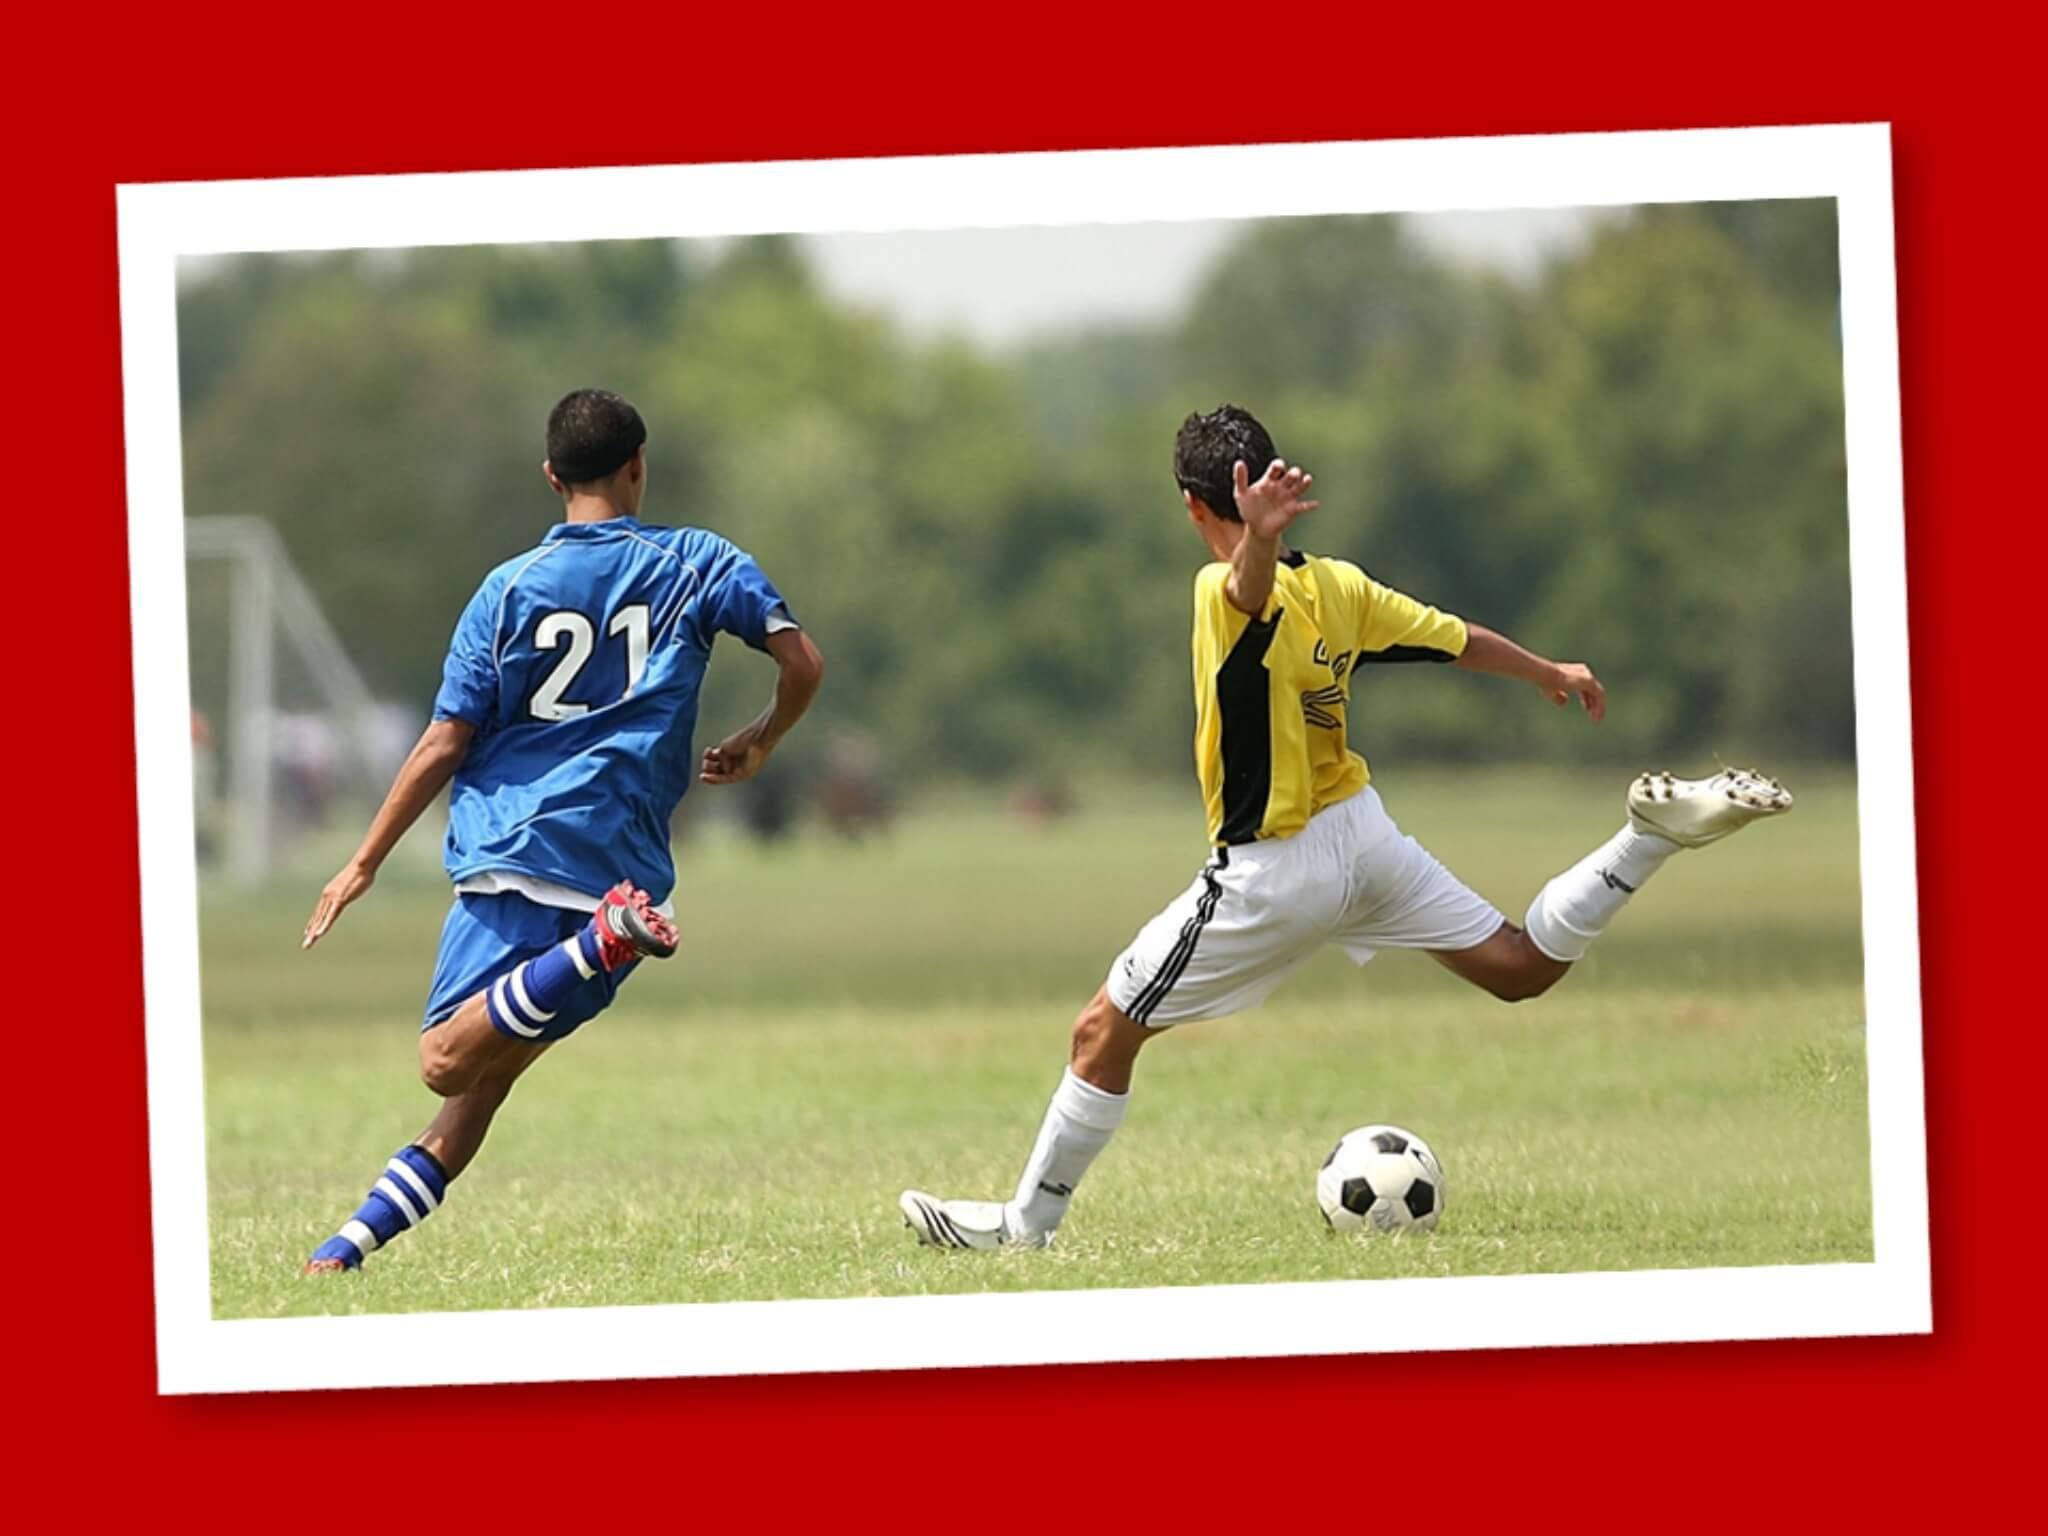 le accelerazioni nel calcio